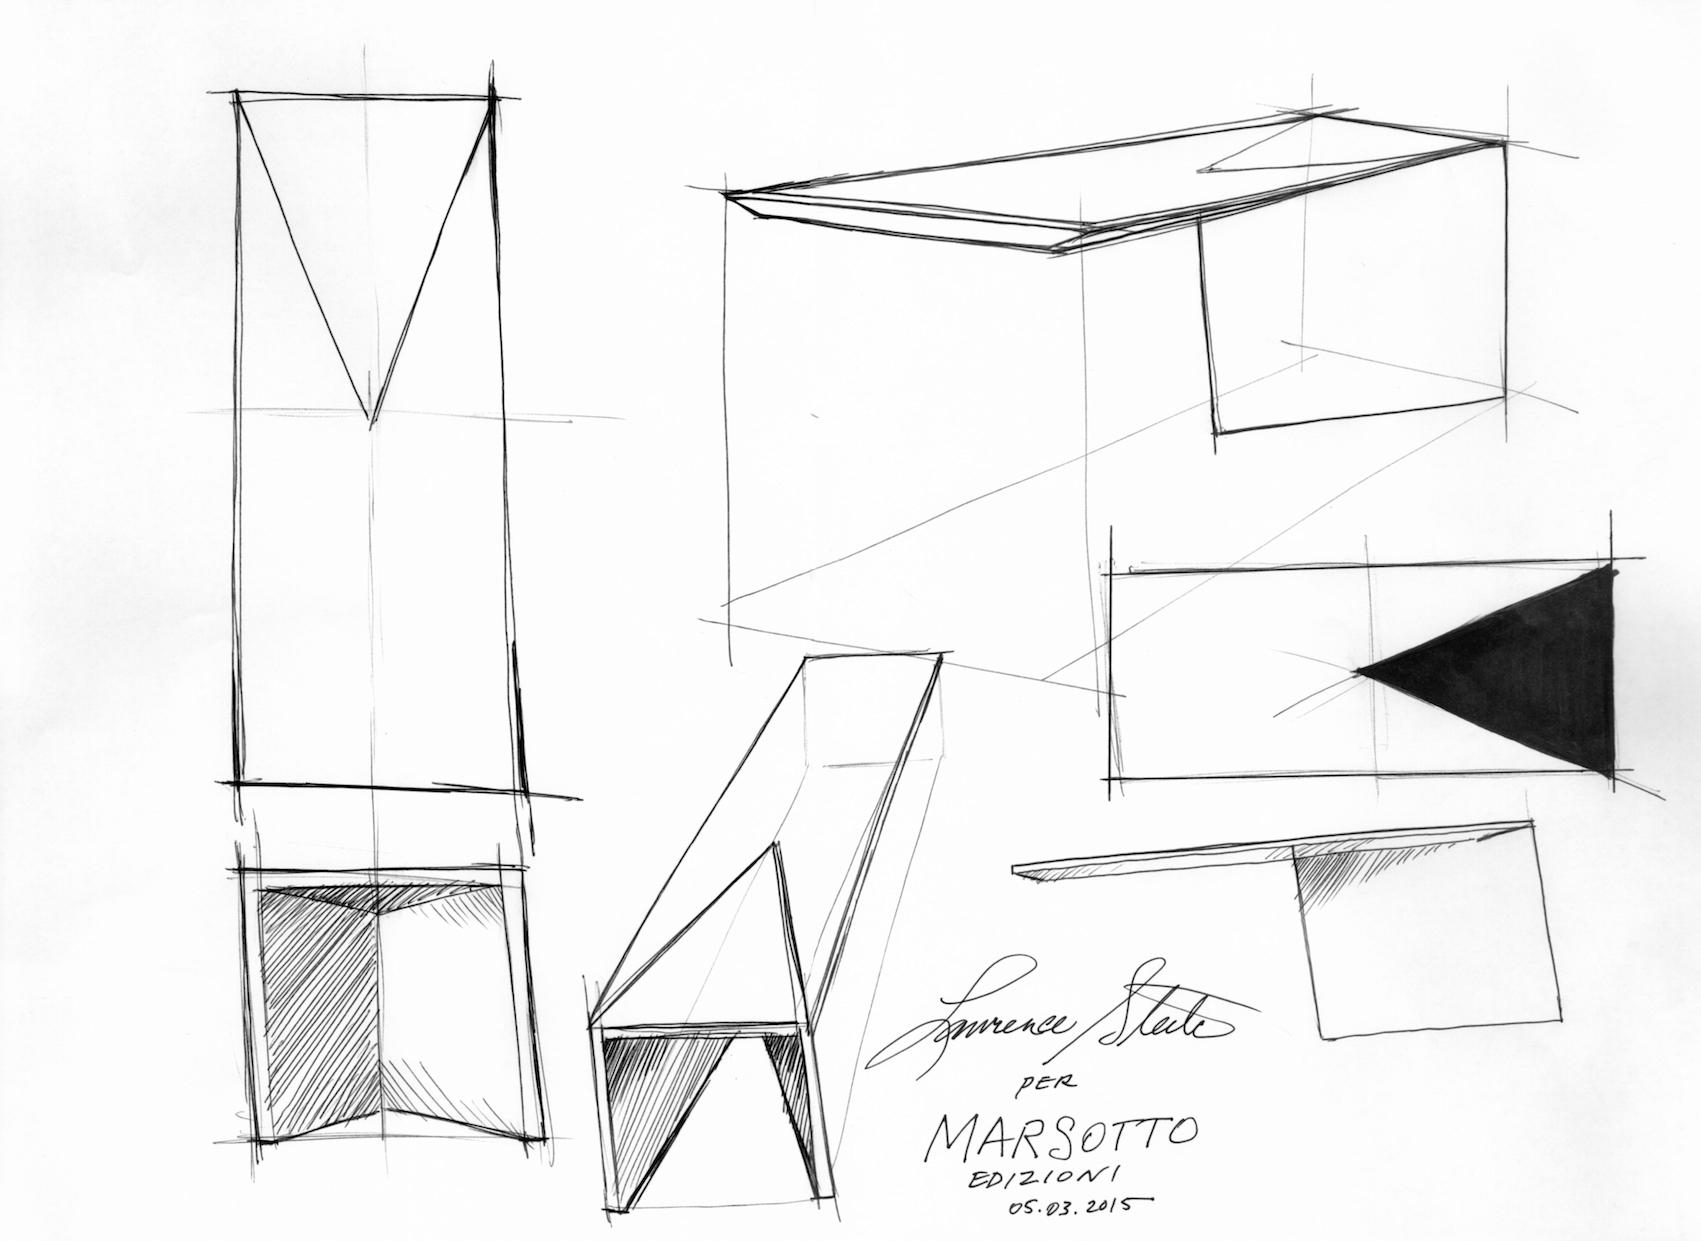 Fuorisalone, Marsotto Edizioni - Steel on Marble